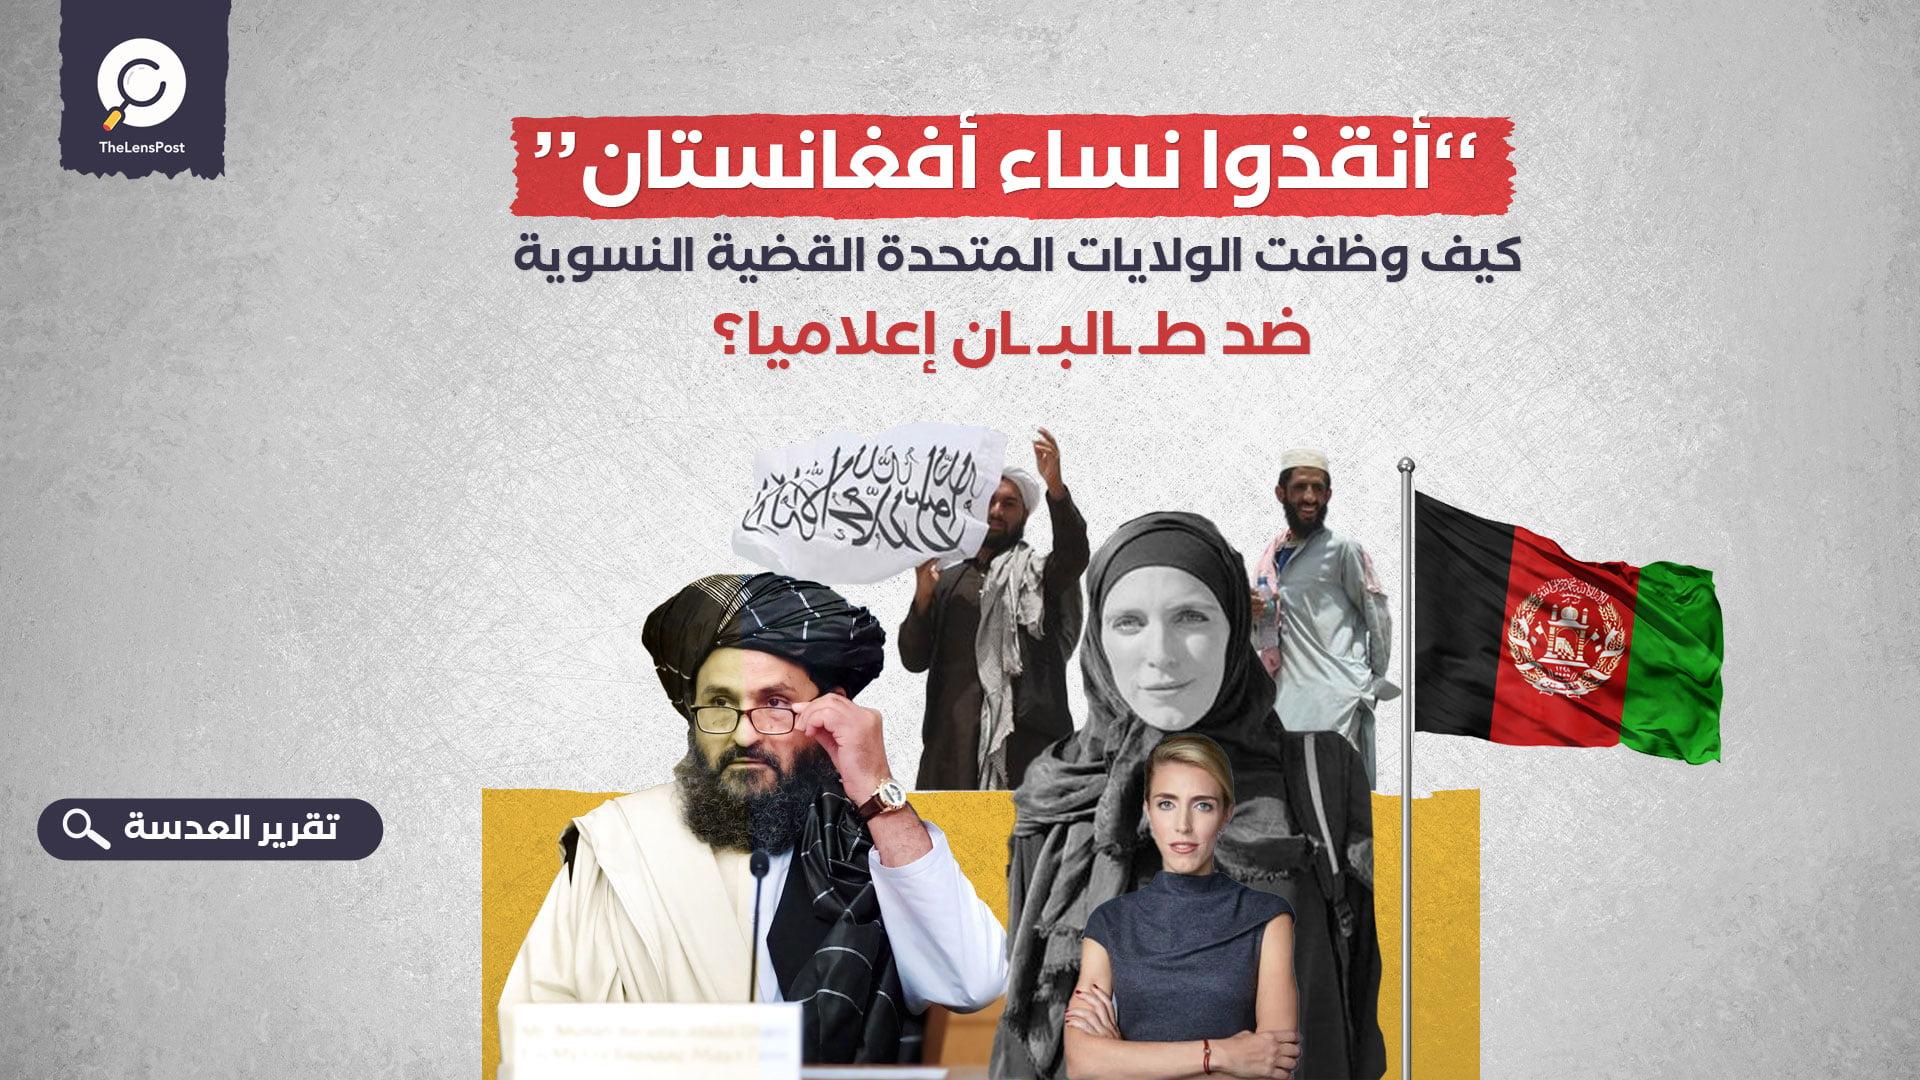 ''أنقذوا نساء أفغانستان''.. كيف وظفت الولايات المتحدة القضية النسوية ضد طالبان إعلاميا؟